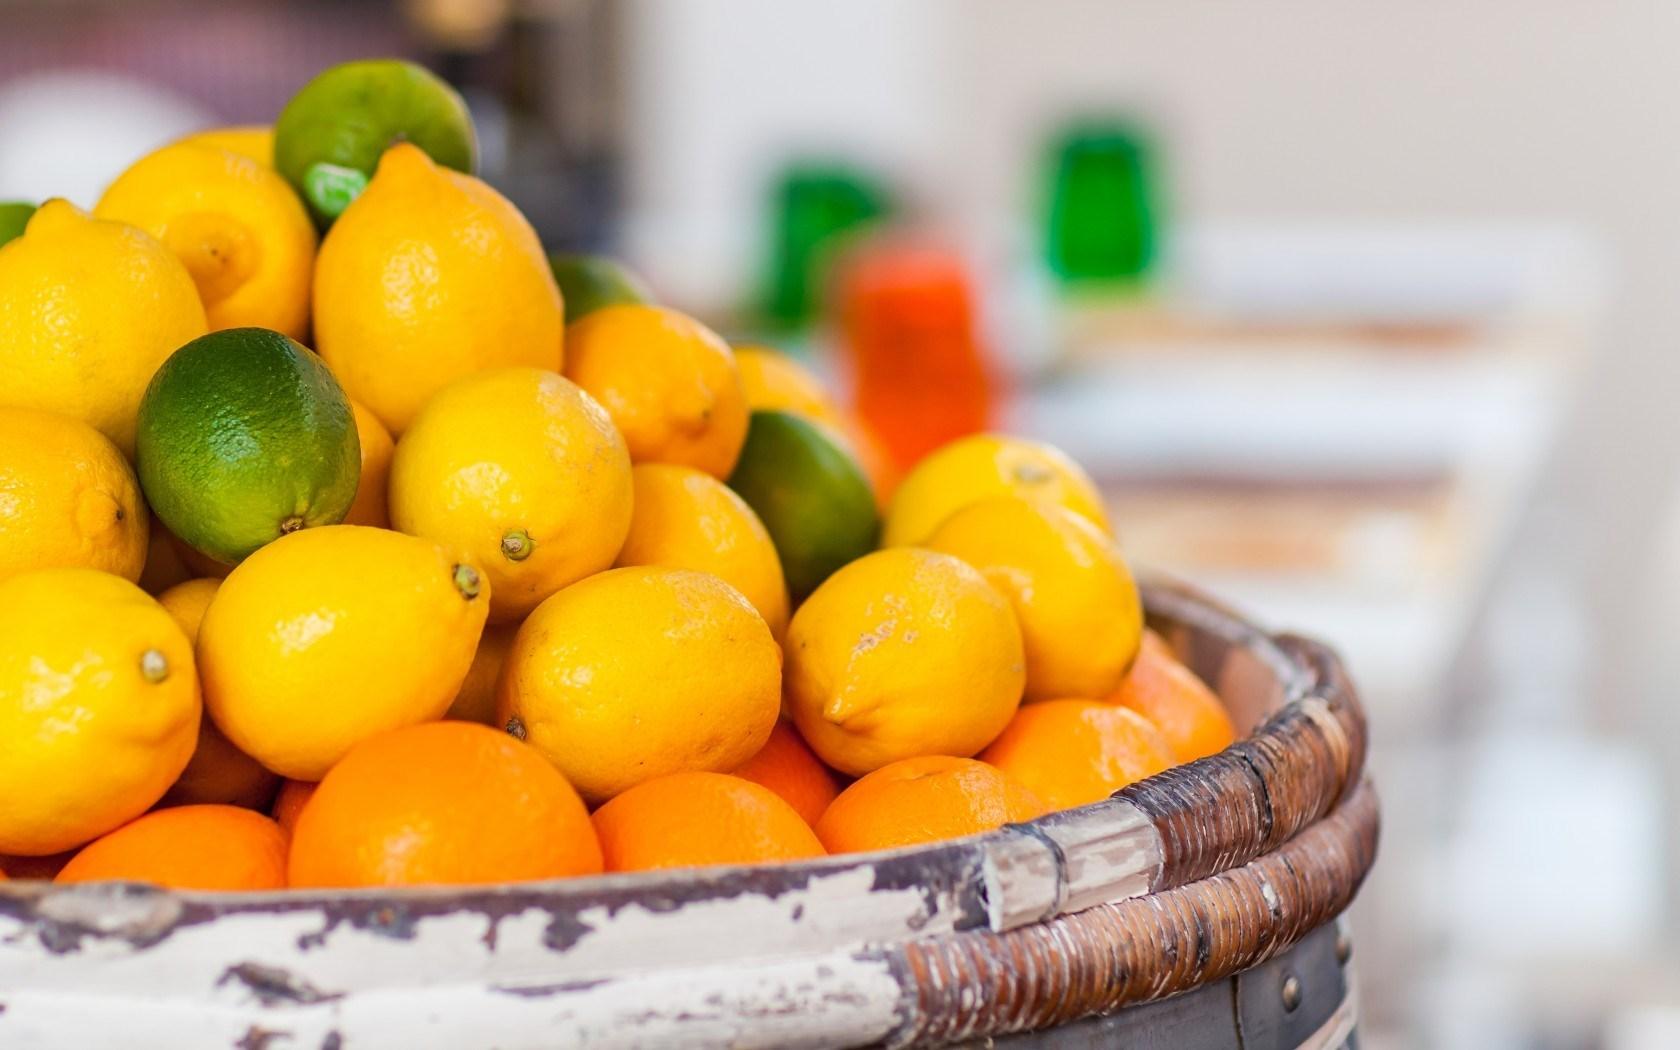 Oranges Fruit Many